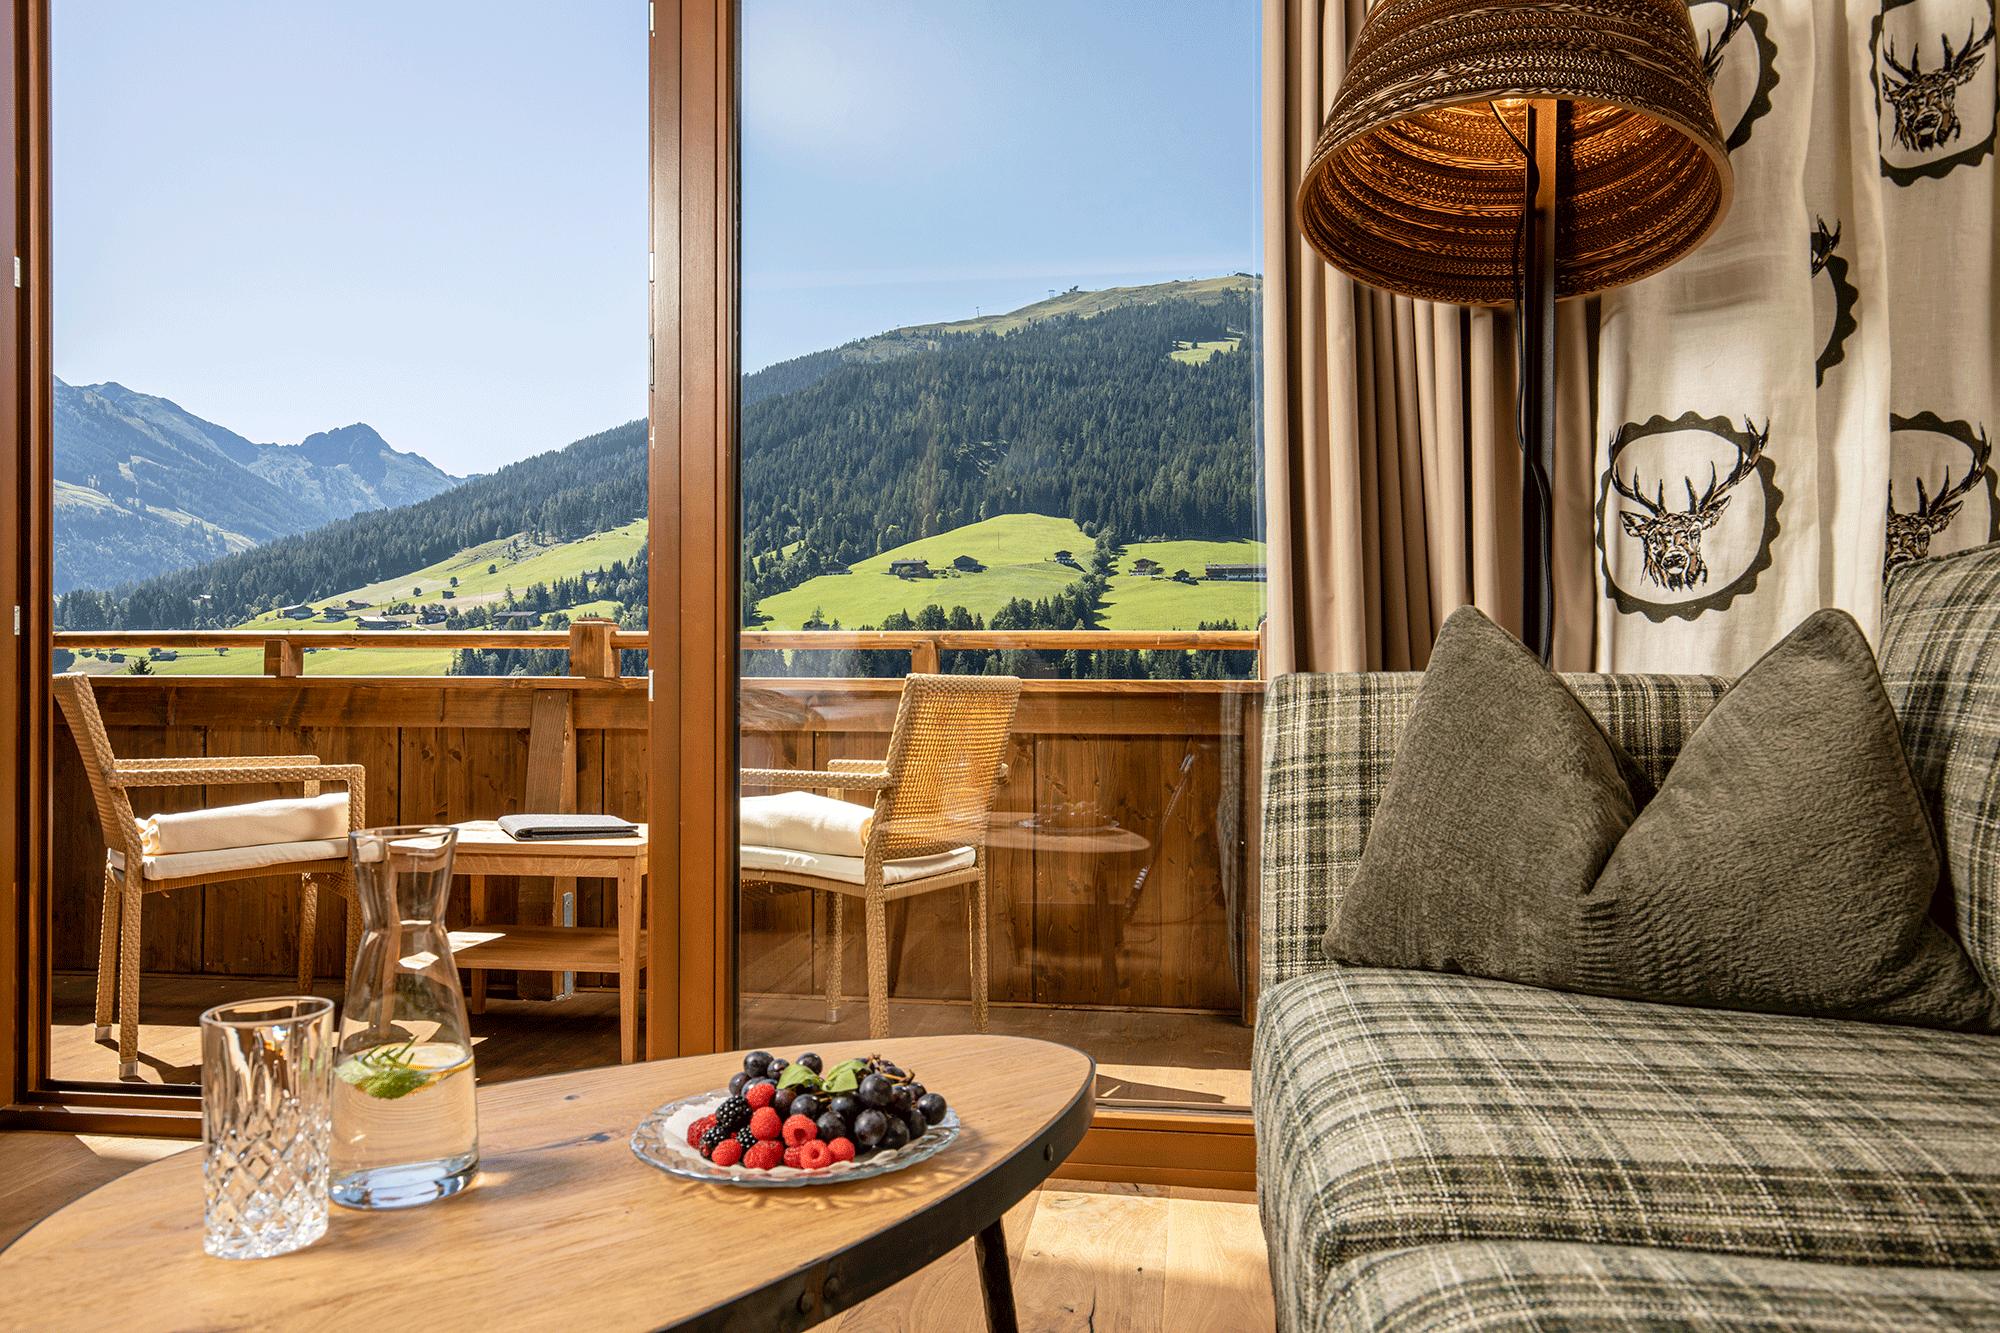 Wohnkomfortzimmer Bergzauber Ausblick von drinnen im 4 Sterne Hotel Alpbacherhof im Alpbachtal